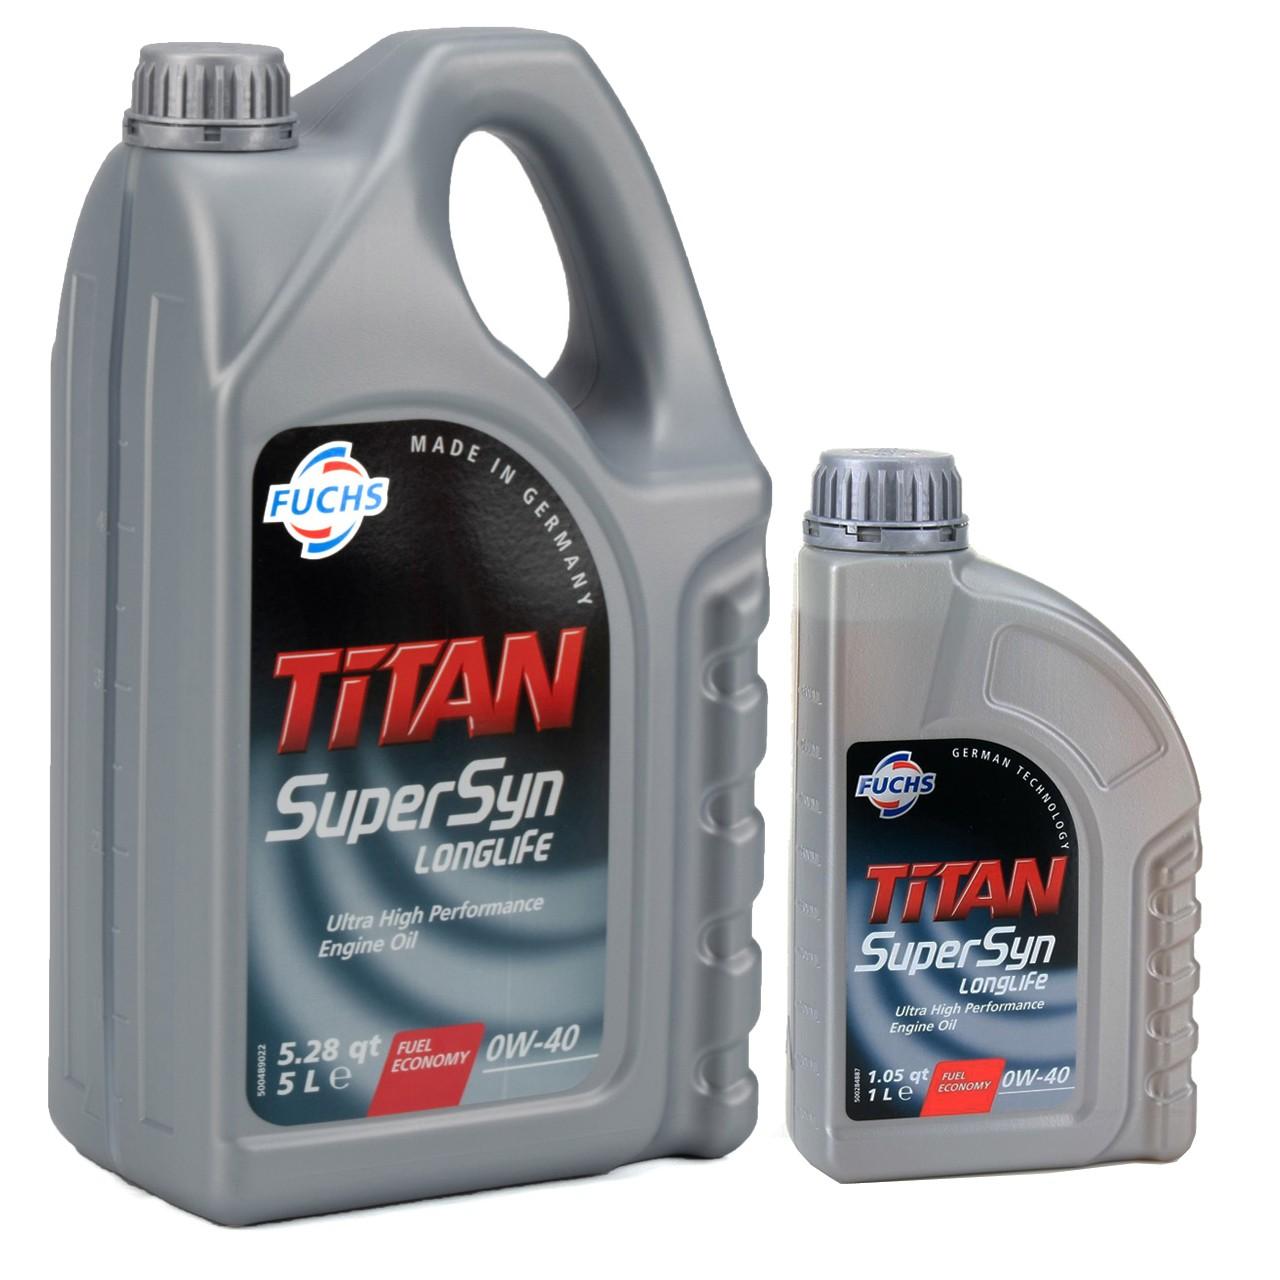 FUCHS MOTORÖL TITAN SuperSyn Longlife 0W-40 ACEA A3/B4 FORD M2C937-A 6L 6 Liter